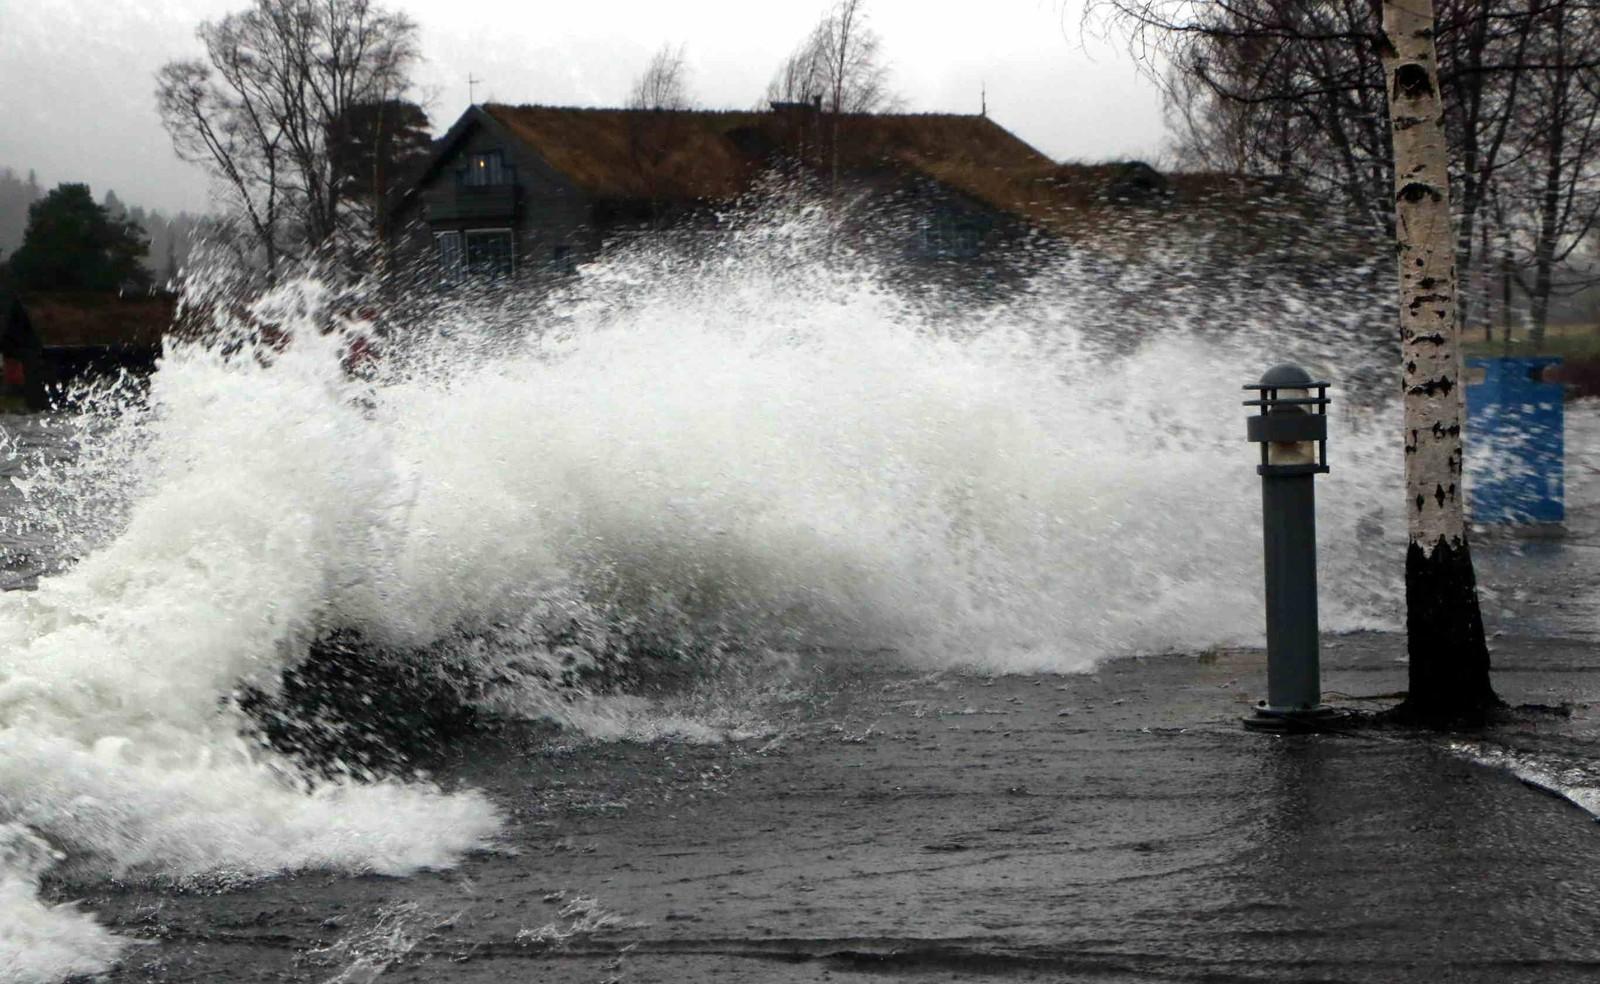 Her slår vatnet over ein steinmur. Til høgre på biletet skal det normalt ikkje vere vatn, fortel fotografen i Fjordingen.